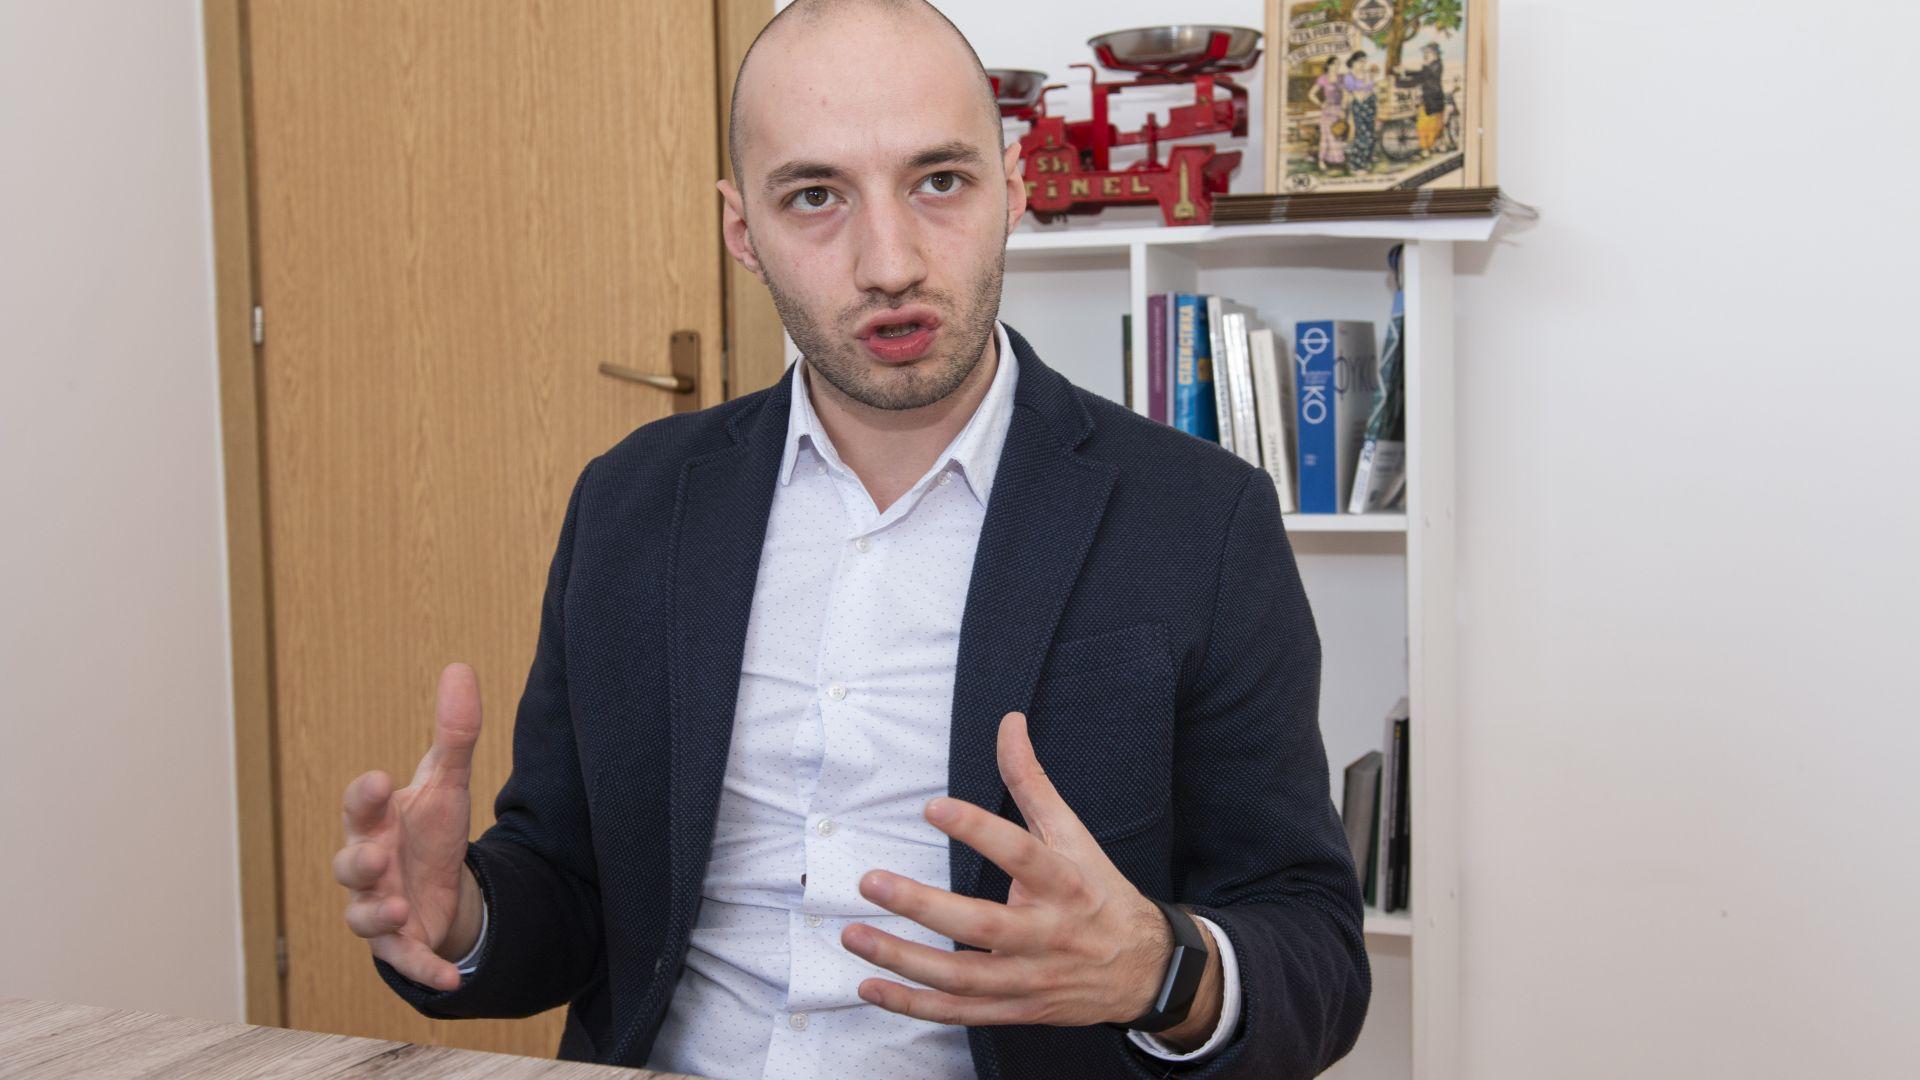 Димитър Ганев: Младите подкрепят най-силно зелените политики